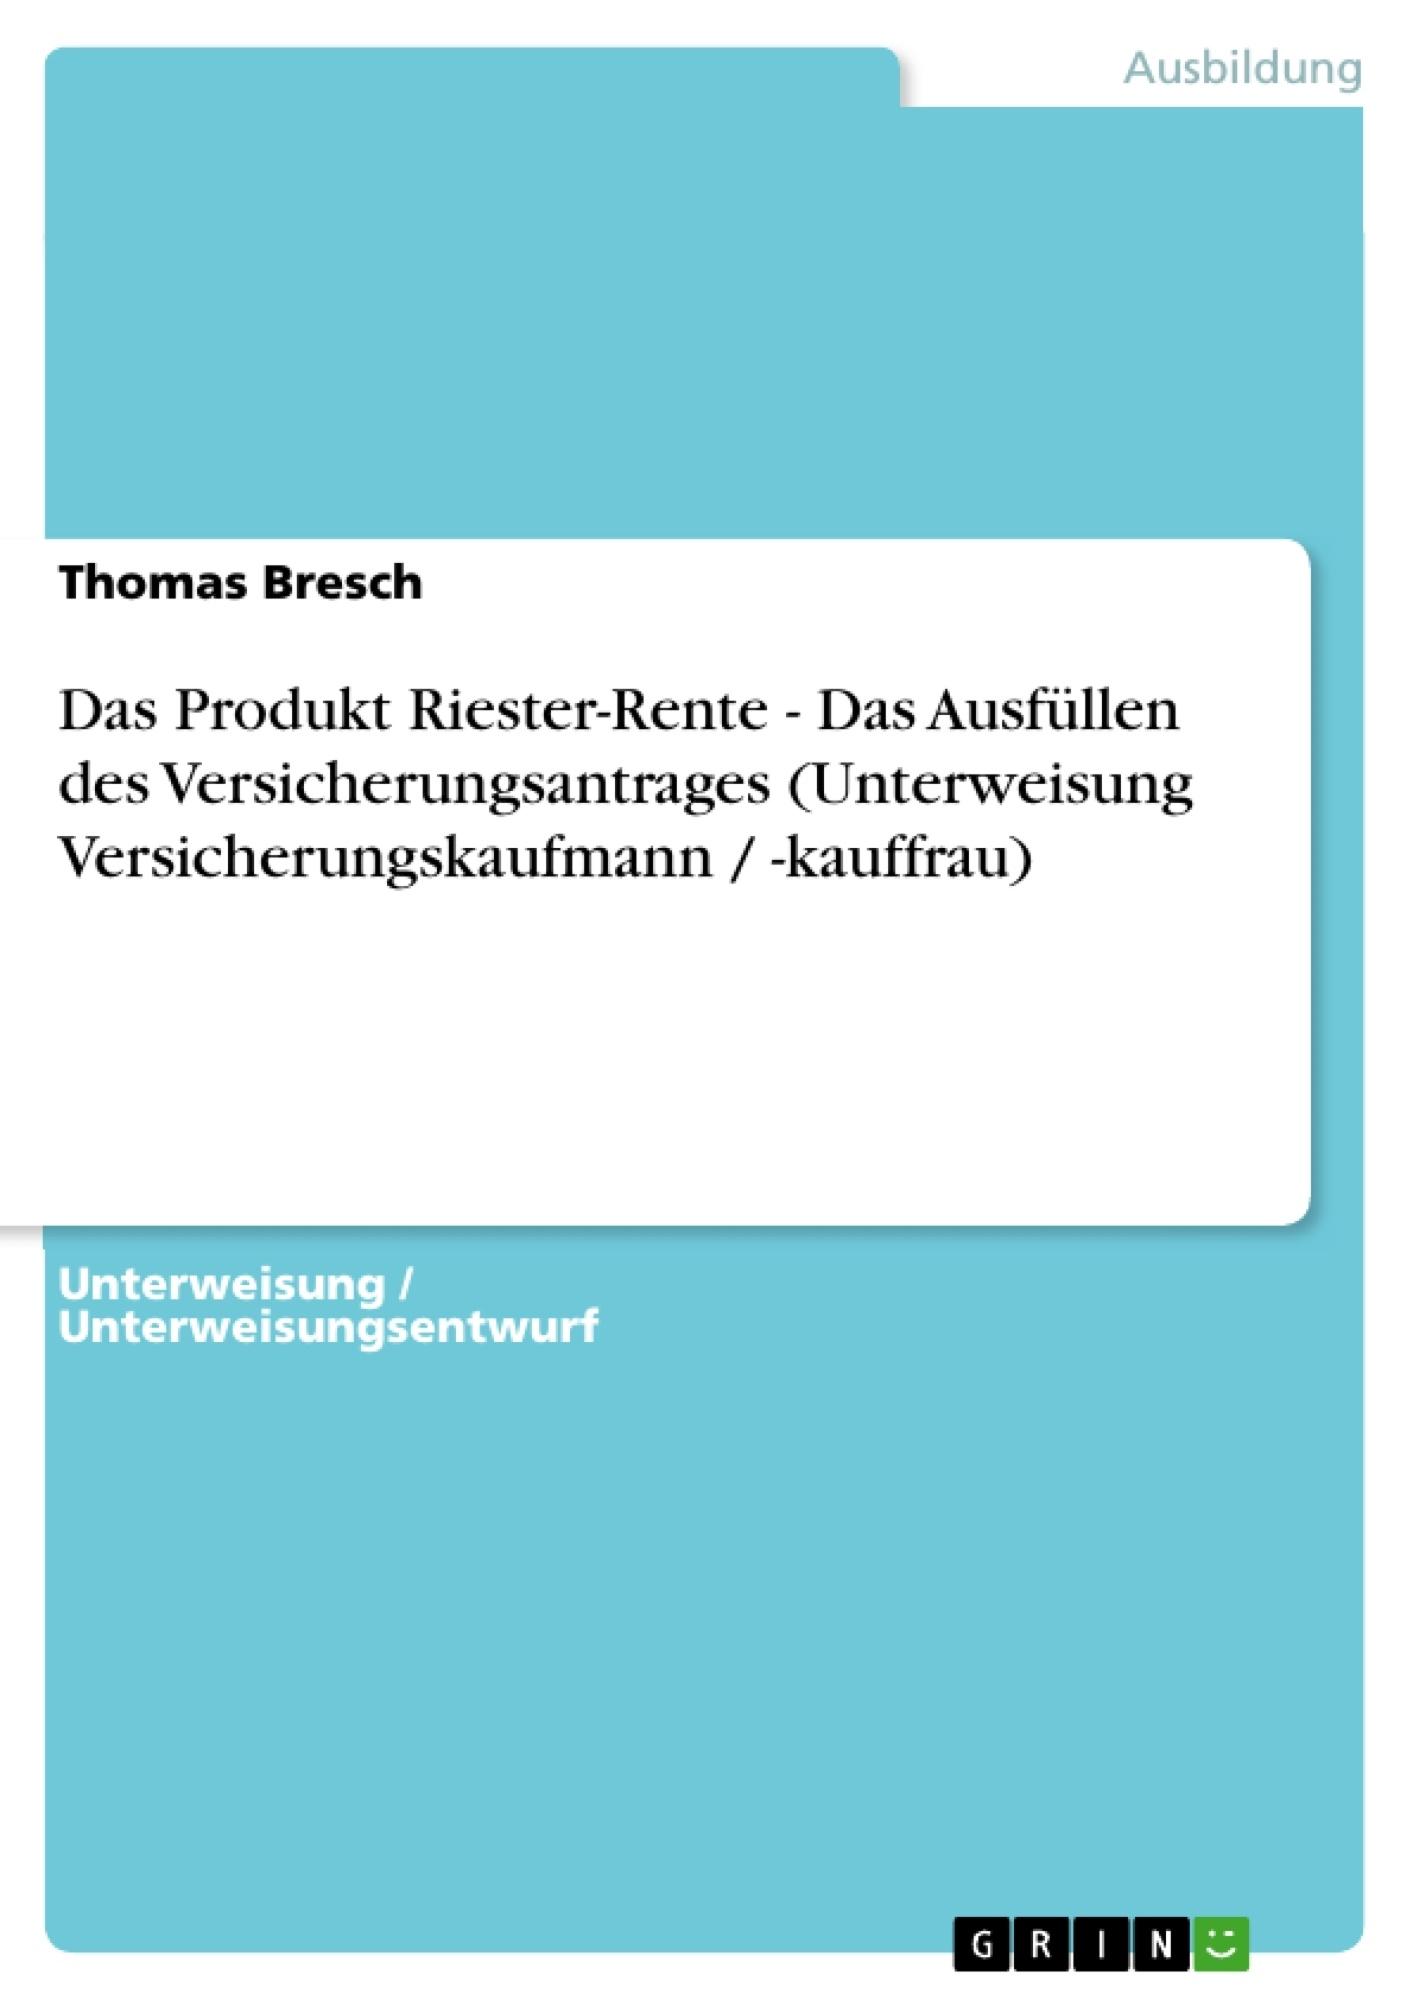 Titel: Das Produkt Riester-Rente - Das Ausfüllen des Versicherungsantrages (Unterweisung Versicherungskaufmann / -kauffrau)